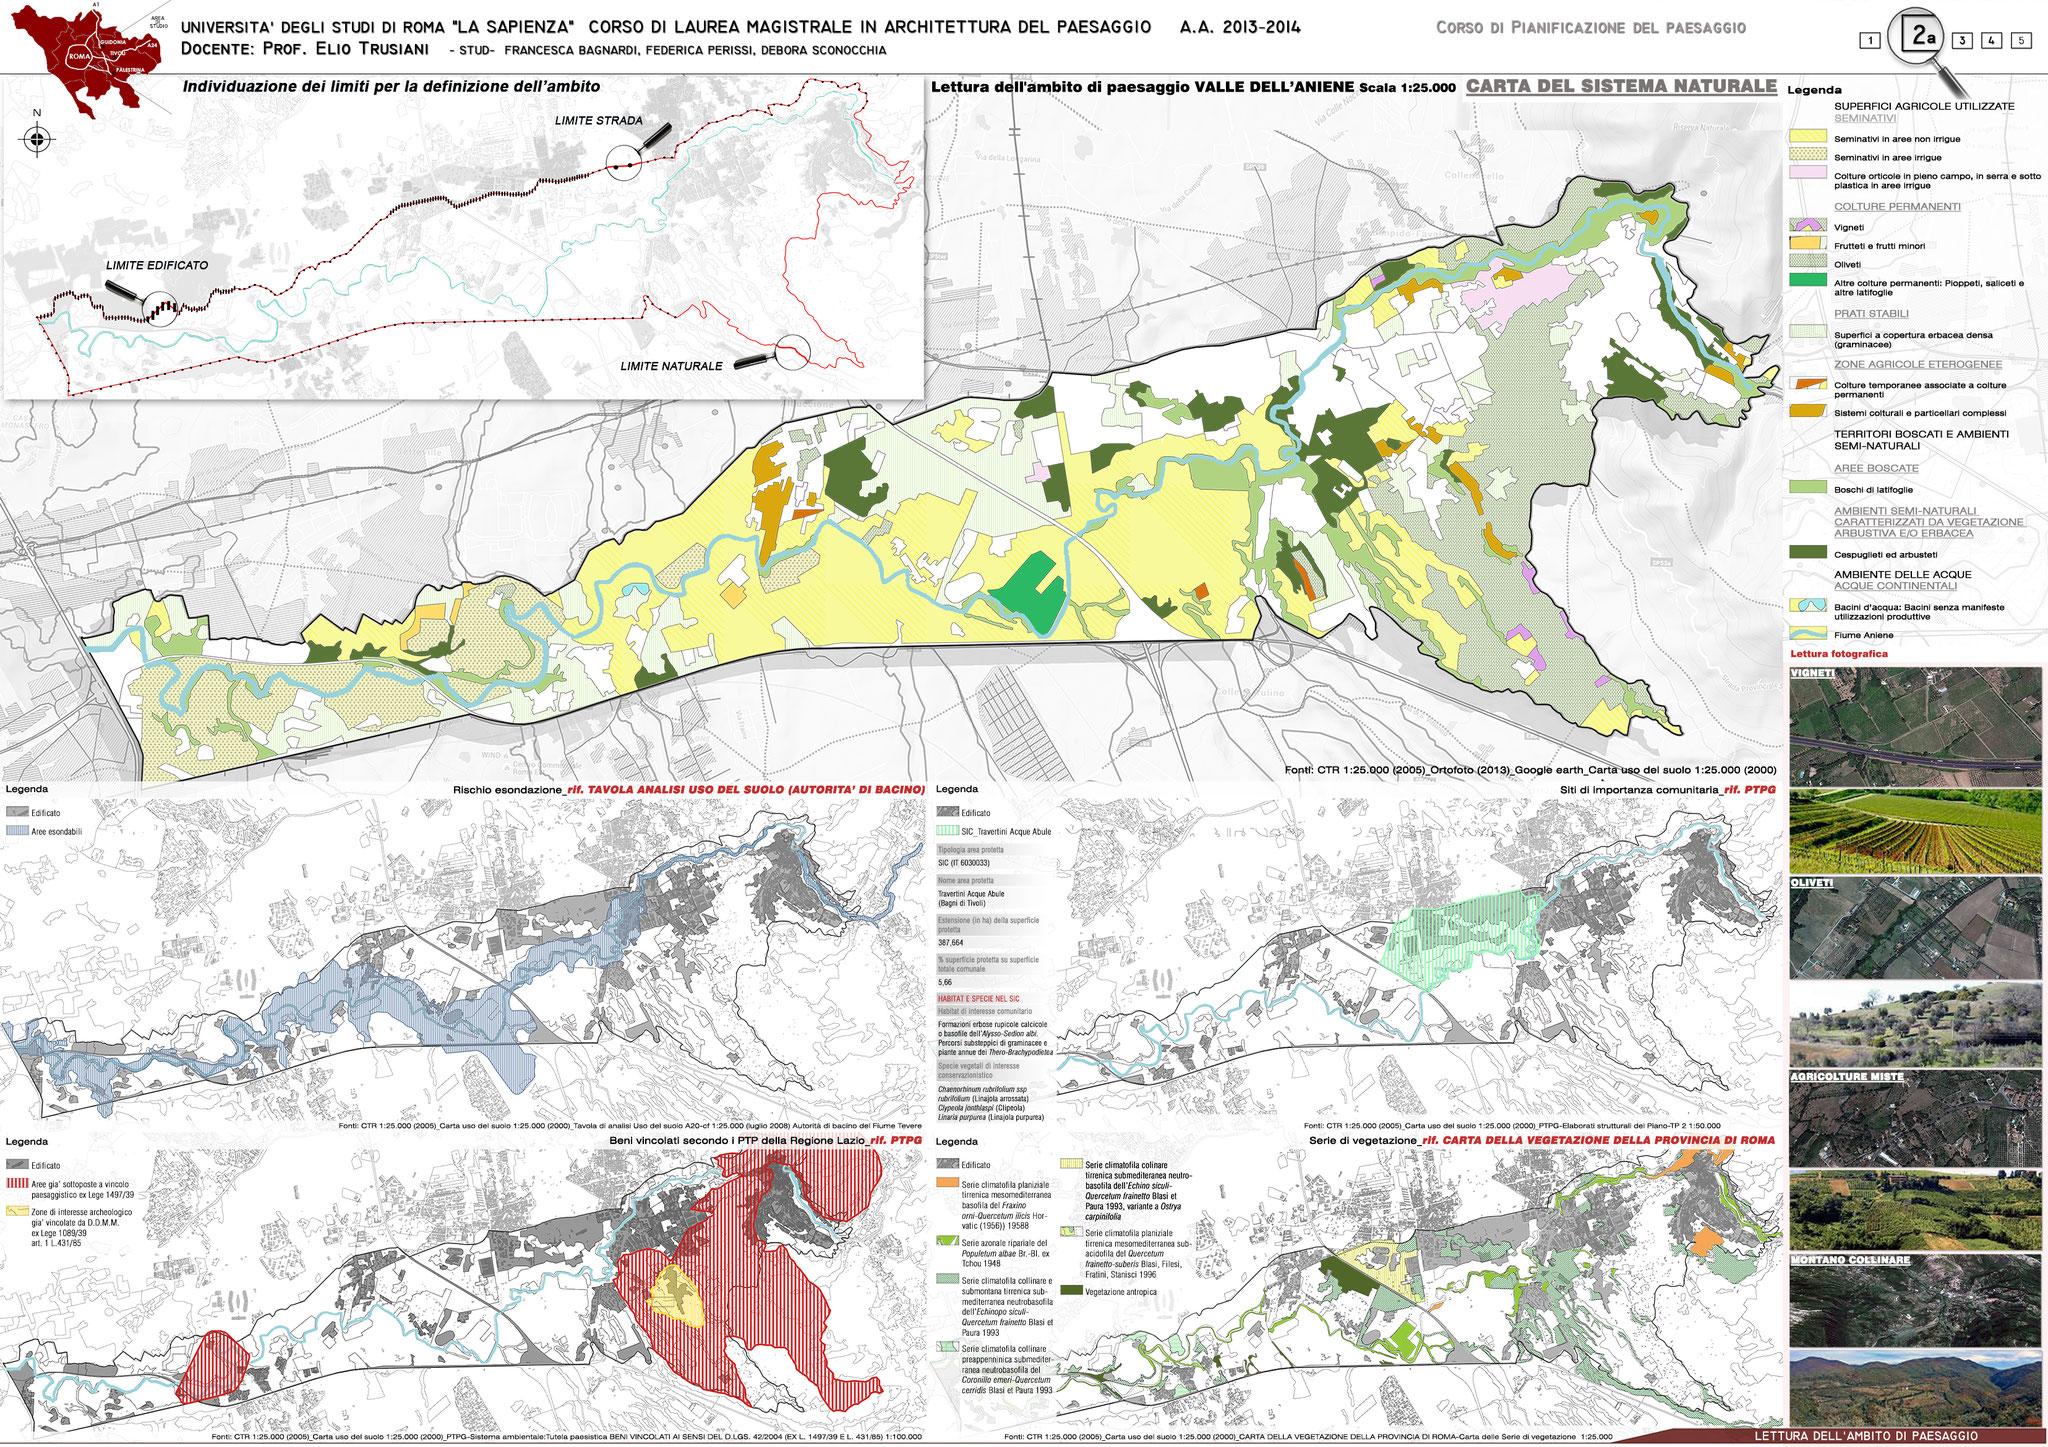 Lettura dell'ambito di paesaggio Valle dell'Aniene - © F. Bagnardi, F. Perissi, D. Sconocchia